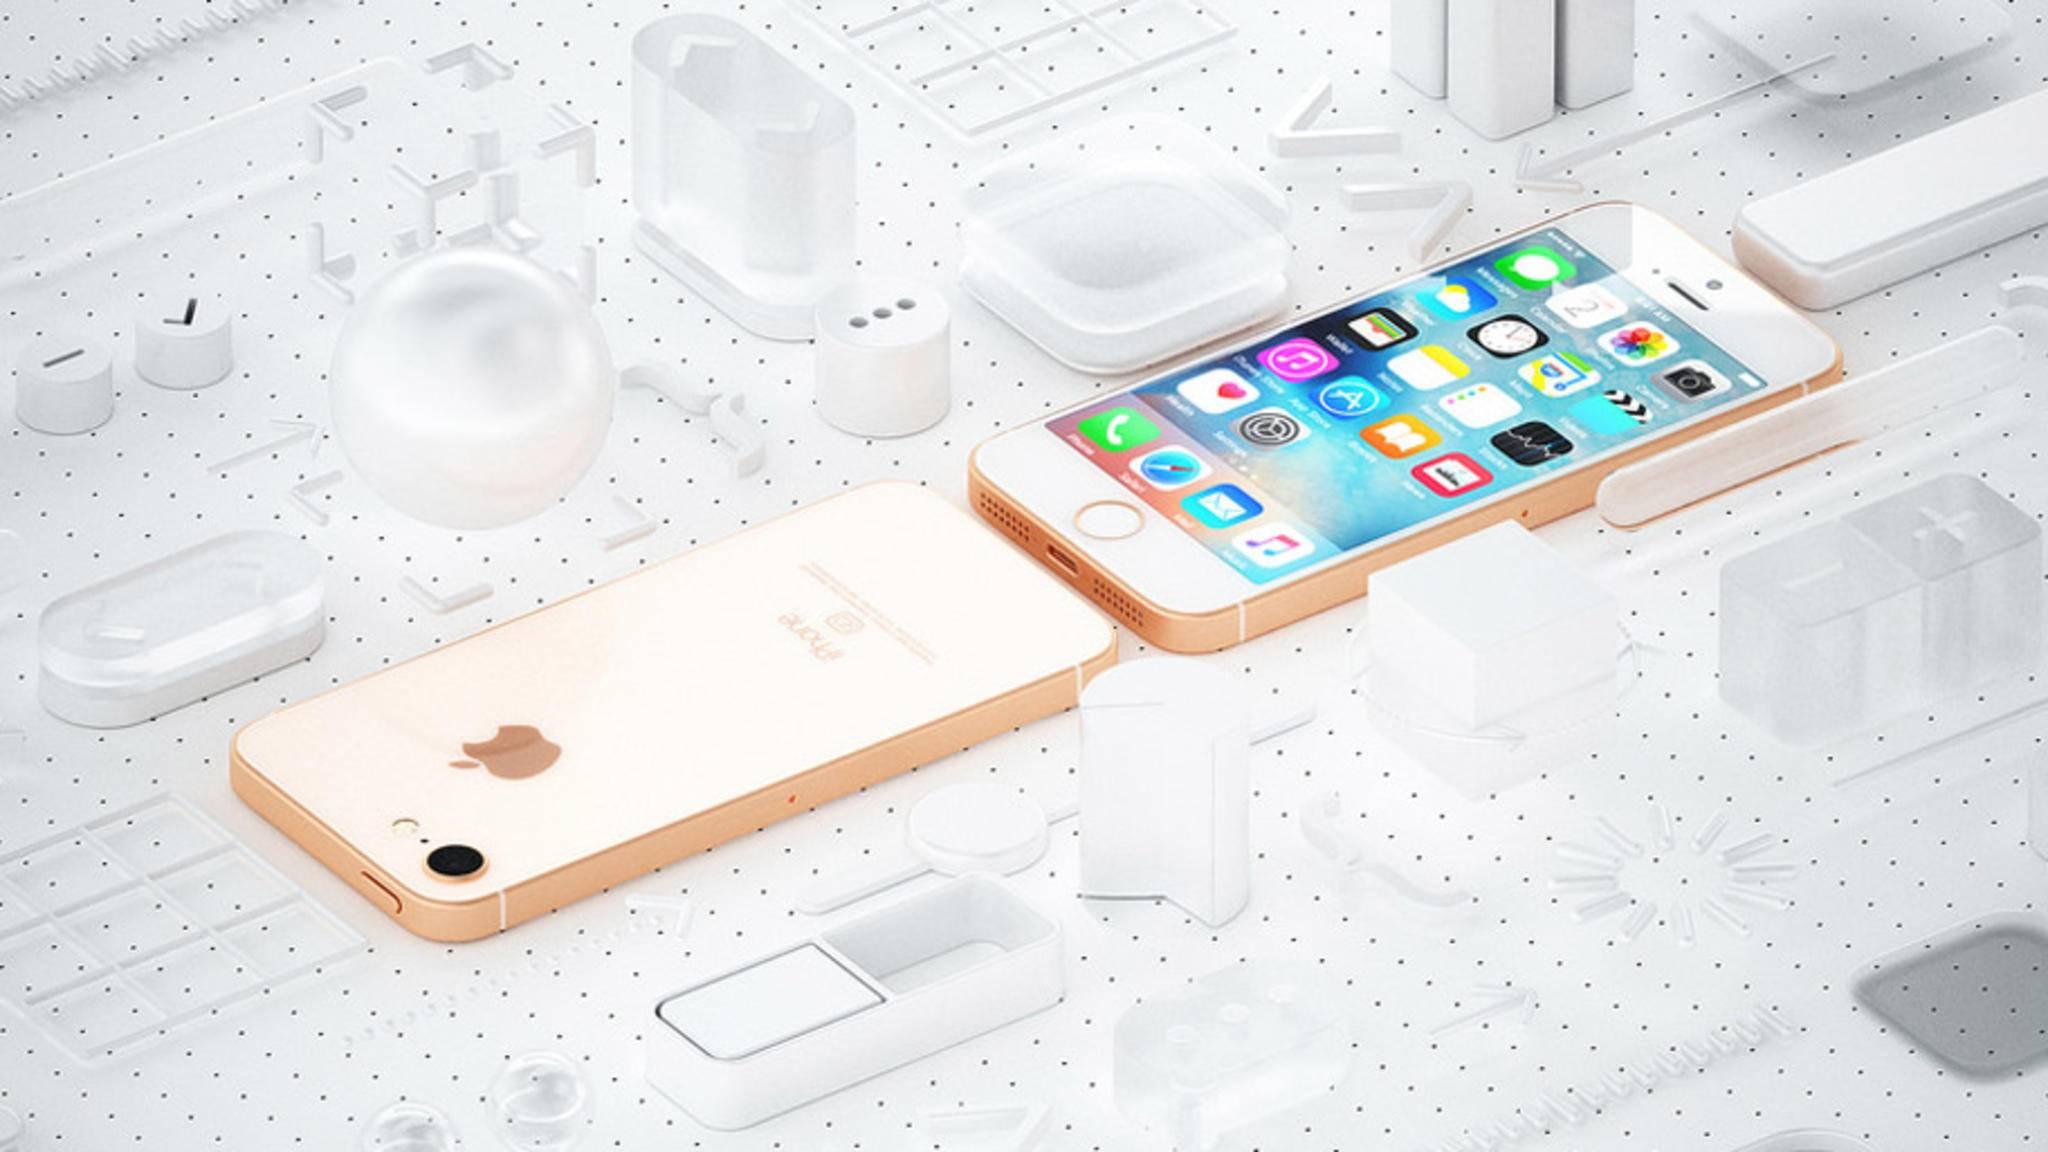 So könnte das iPhone SE 2 im klassischen Formfaktor aussehen.